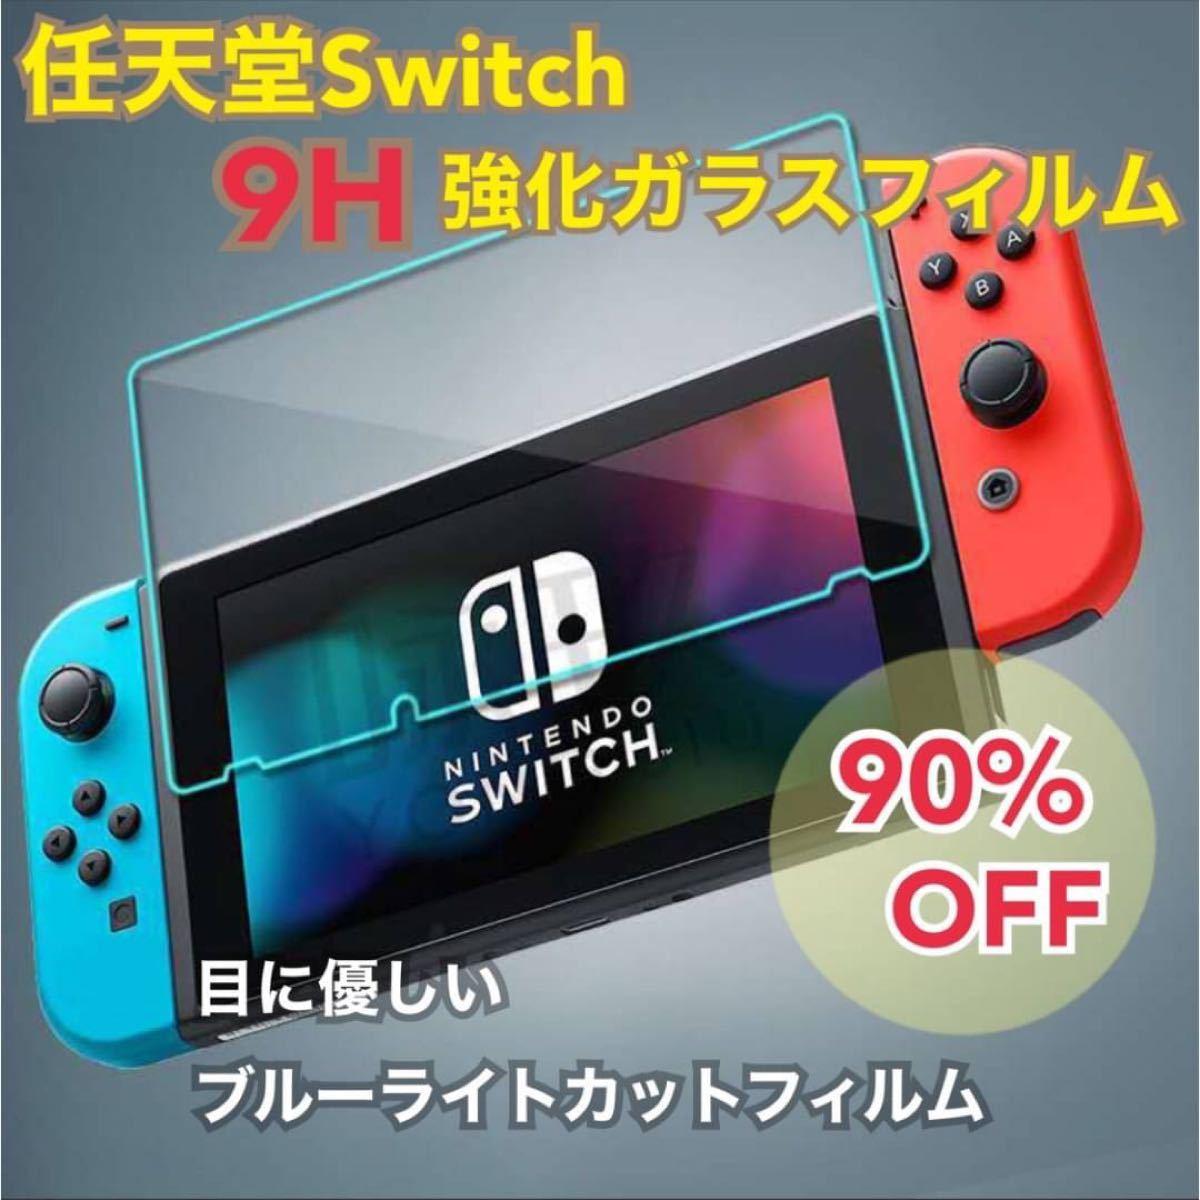 任天堂 Switch スイッチ 保護フィルム 画面 ガラス ブルーライト 画面保護